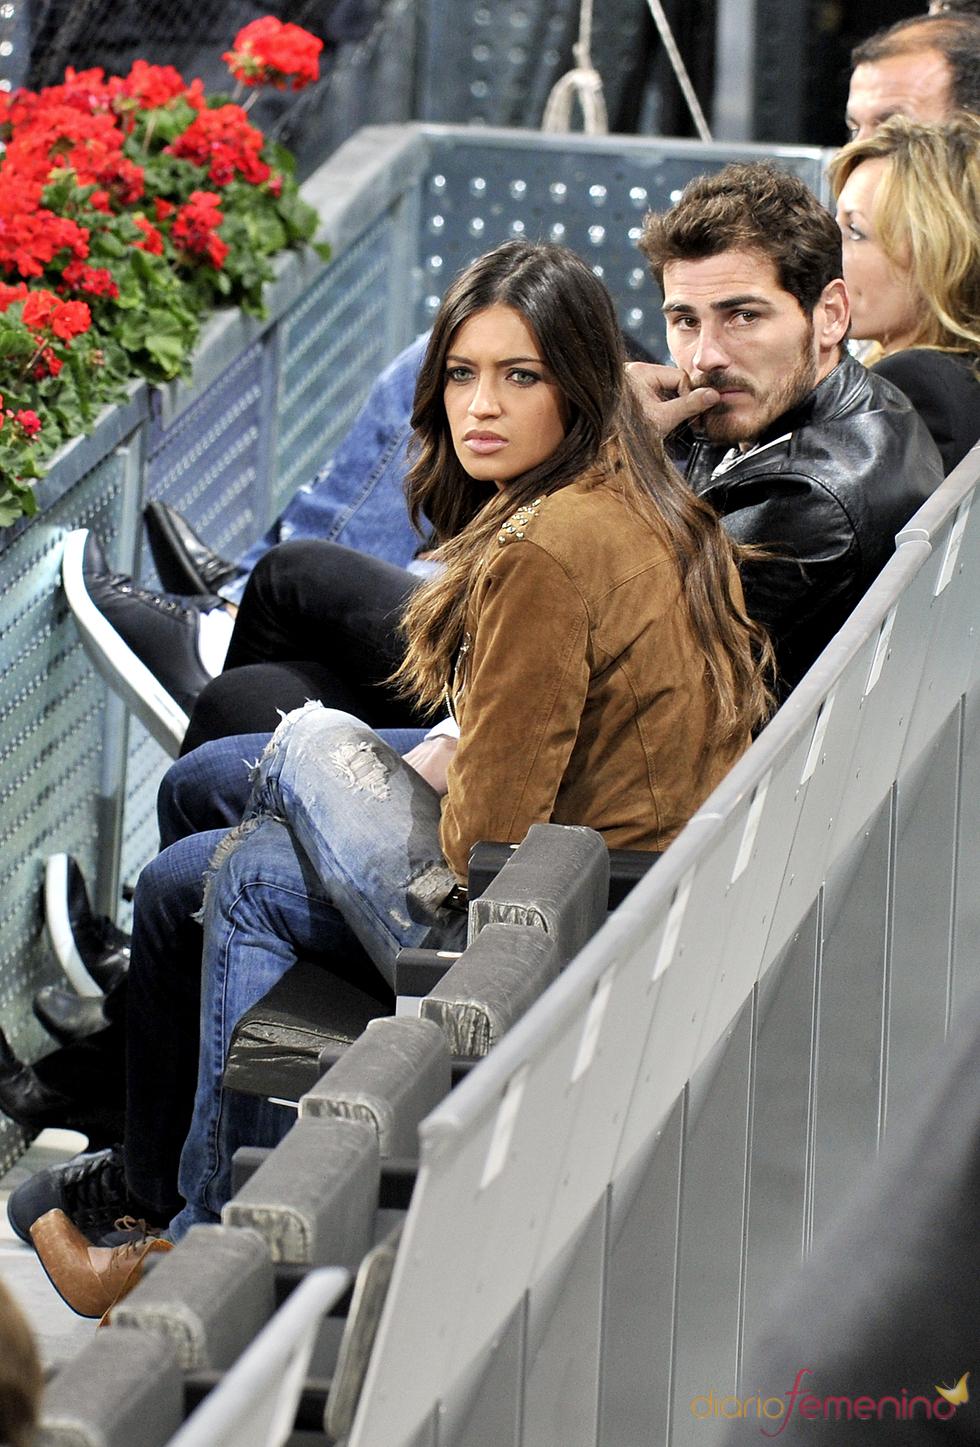 Sara Carbonero e Íker Casillas, pillados en el Madrid Open de Tenis